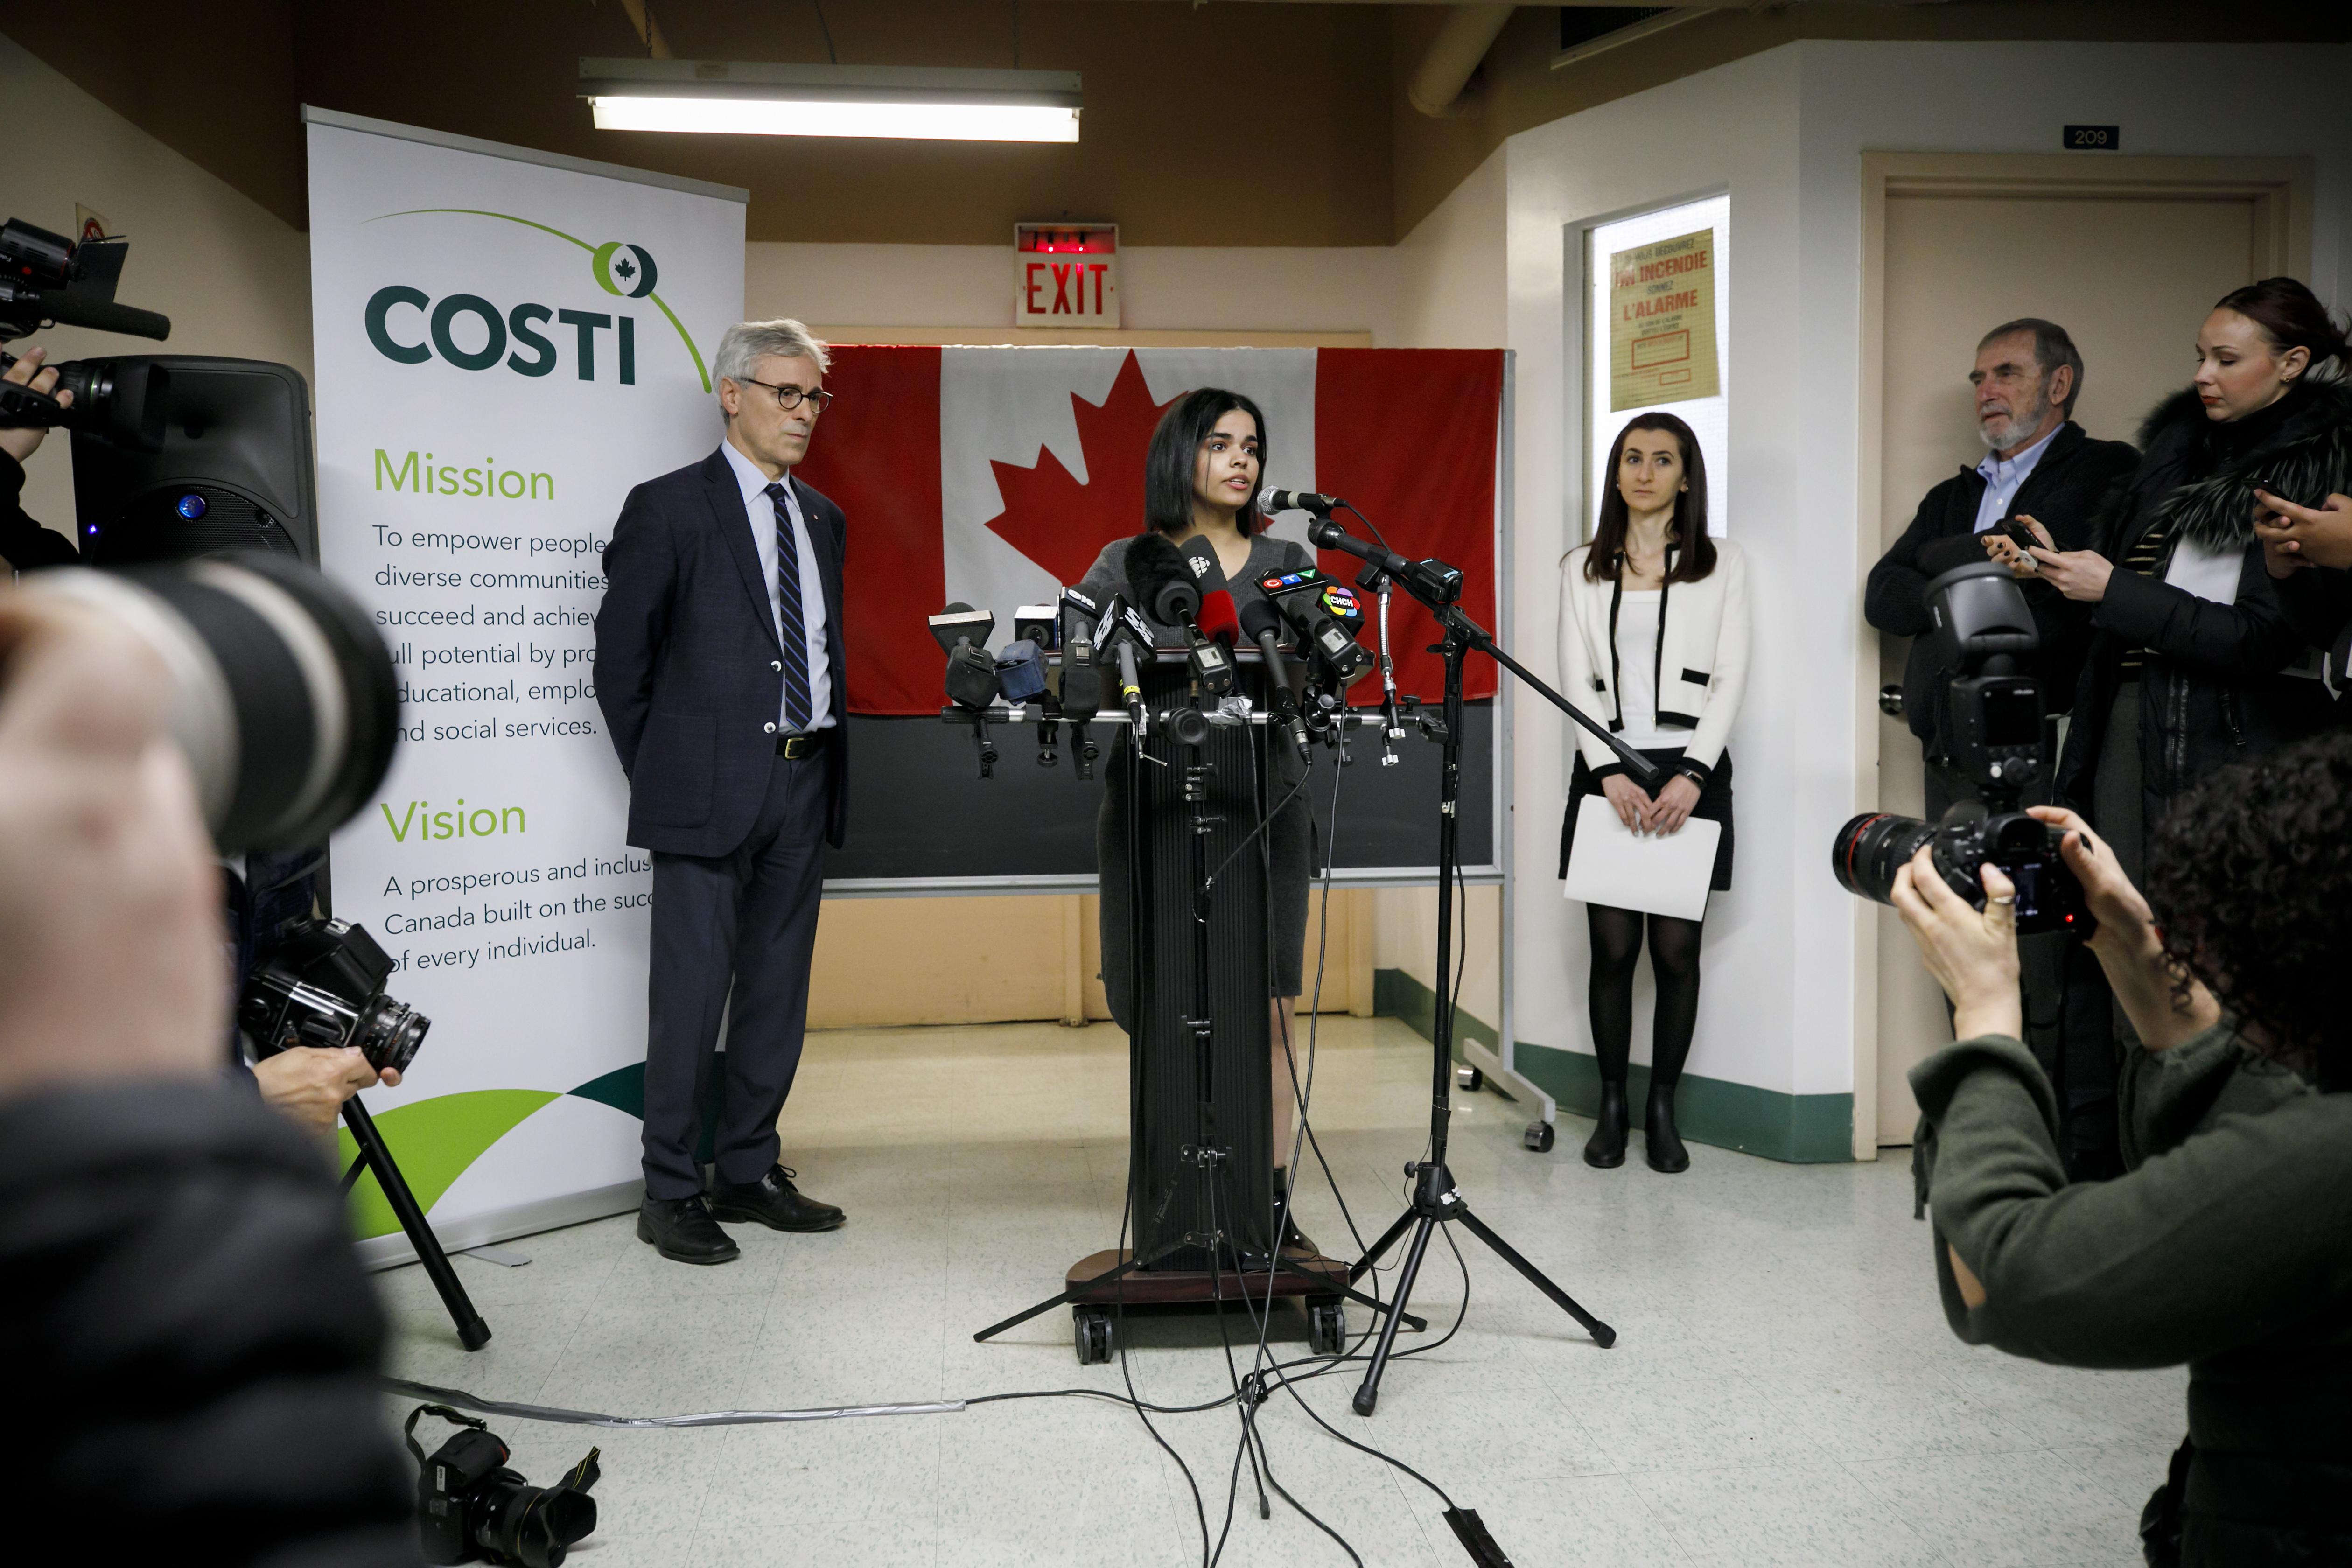 رهف خلال مؤتمر صحفي في كندا